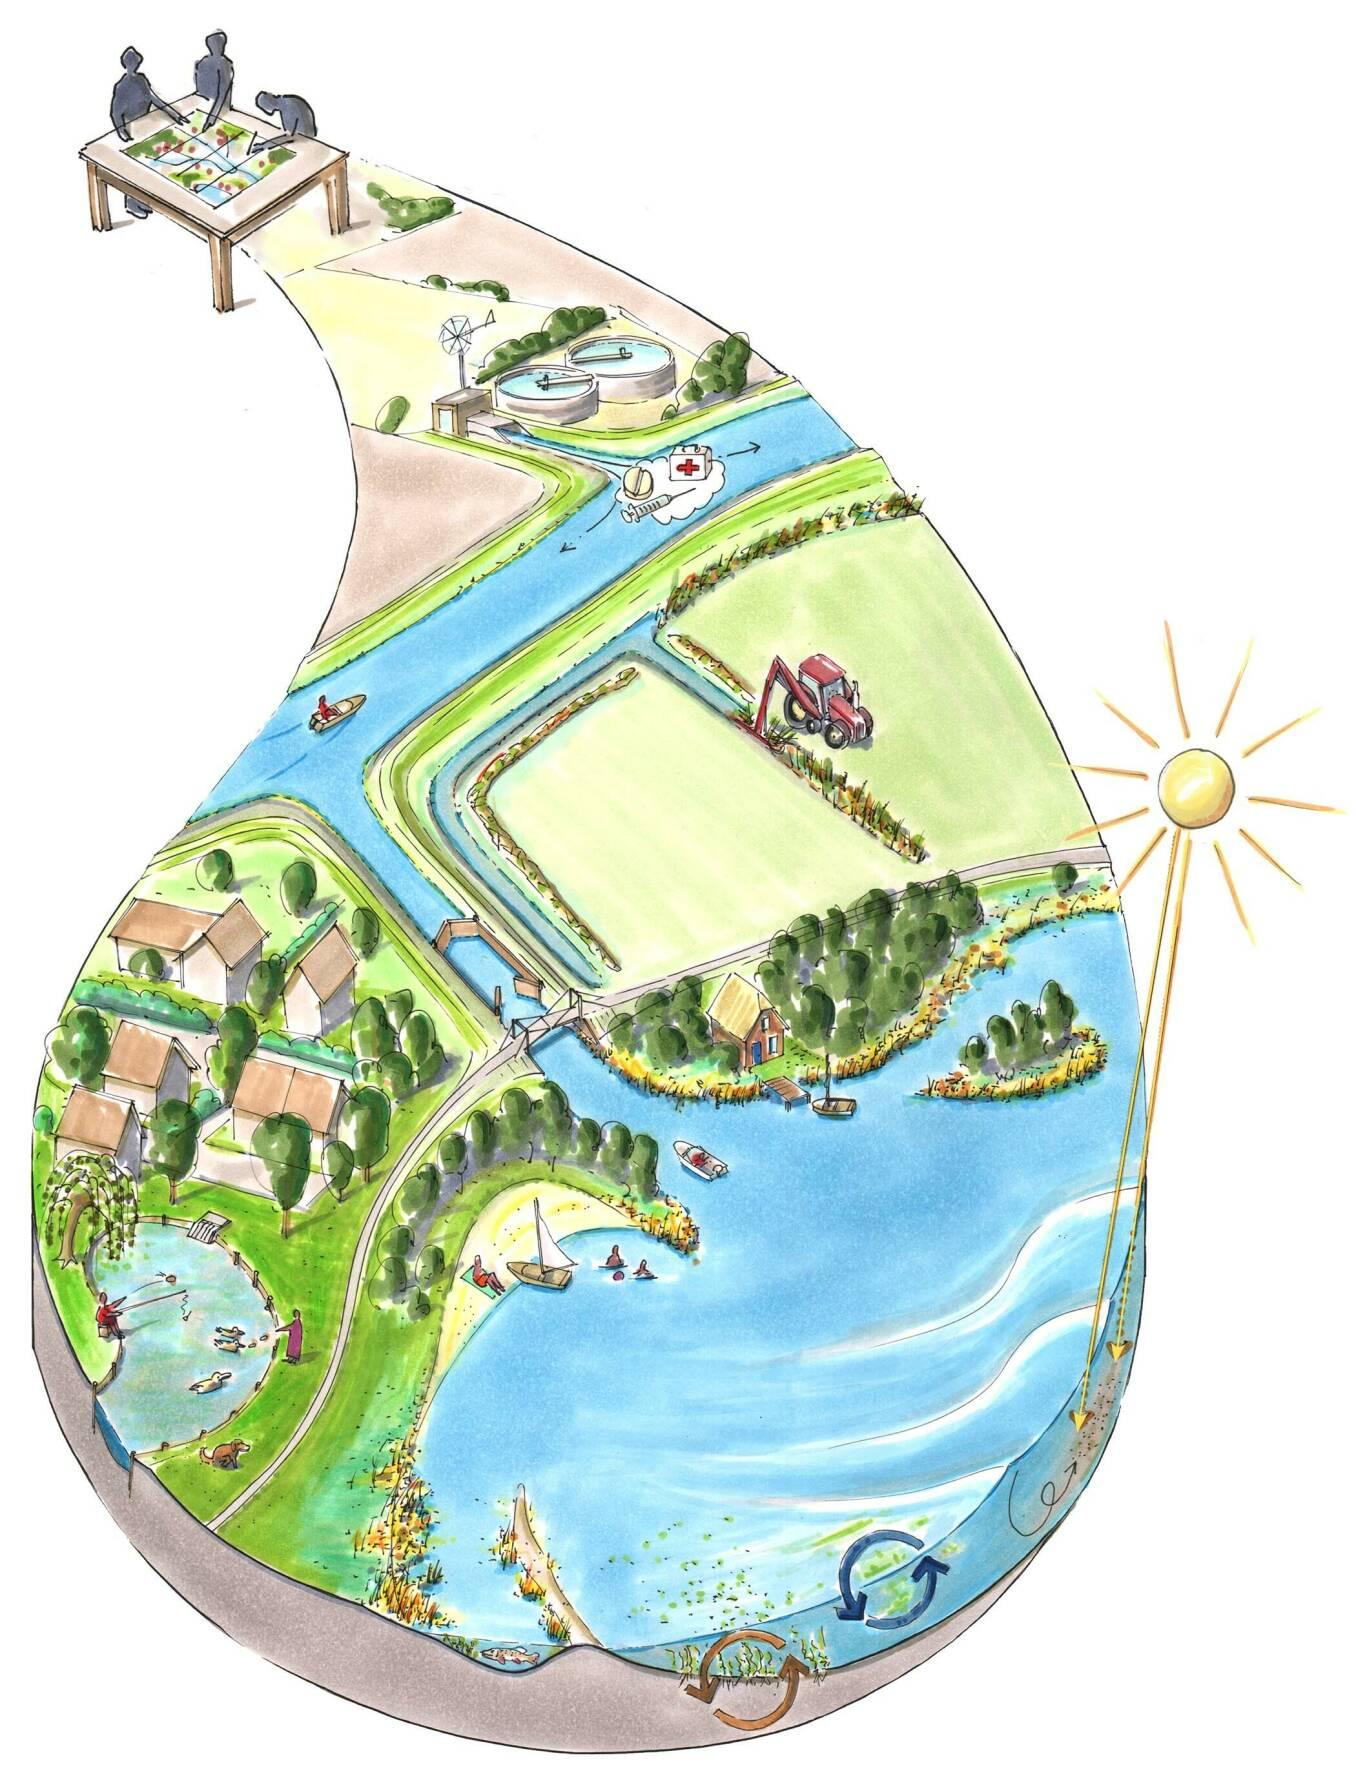 Illustratie met iconen voor stilstaande wateren.